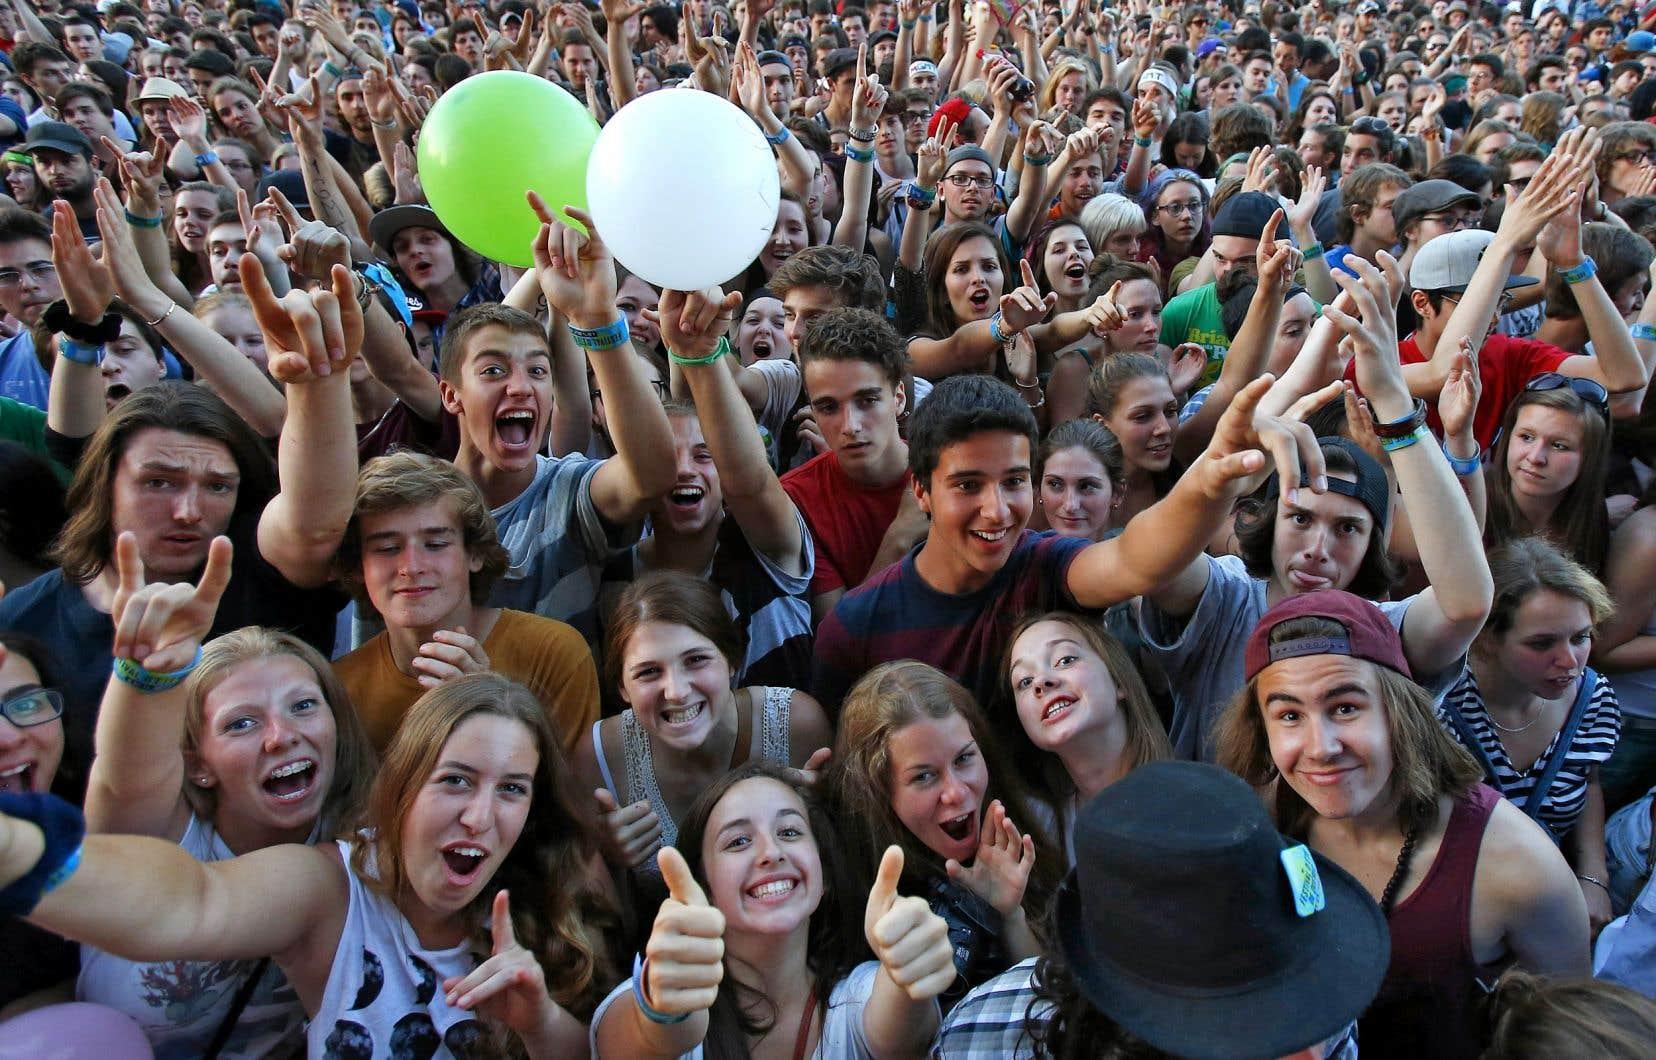 Les jeunes de 18 à 30 ans sont de gros consommateurs d'arts de la scène et vont voir les spectacles tarifés autant que gratuits, en intérieur ou en extérieur.